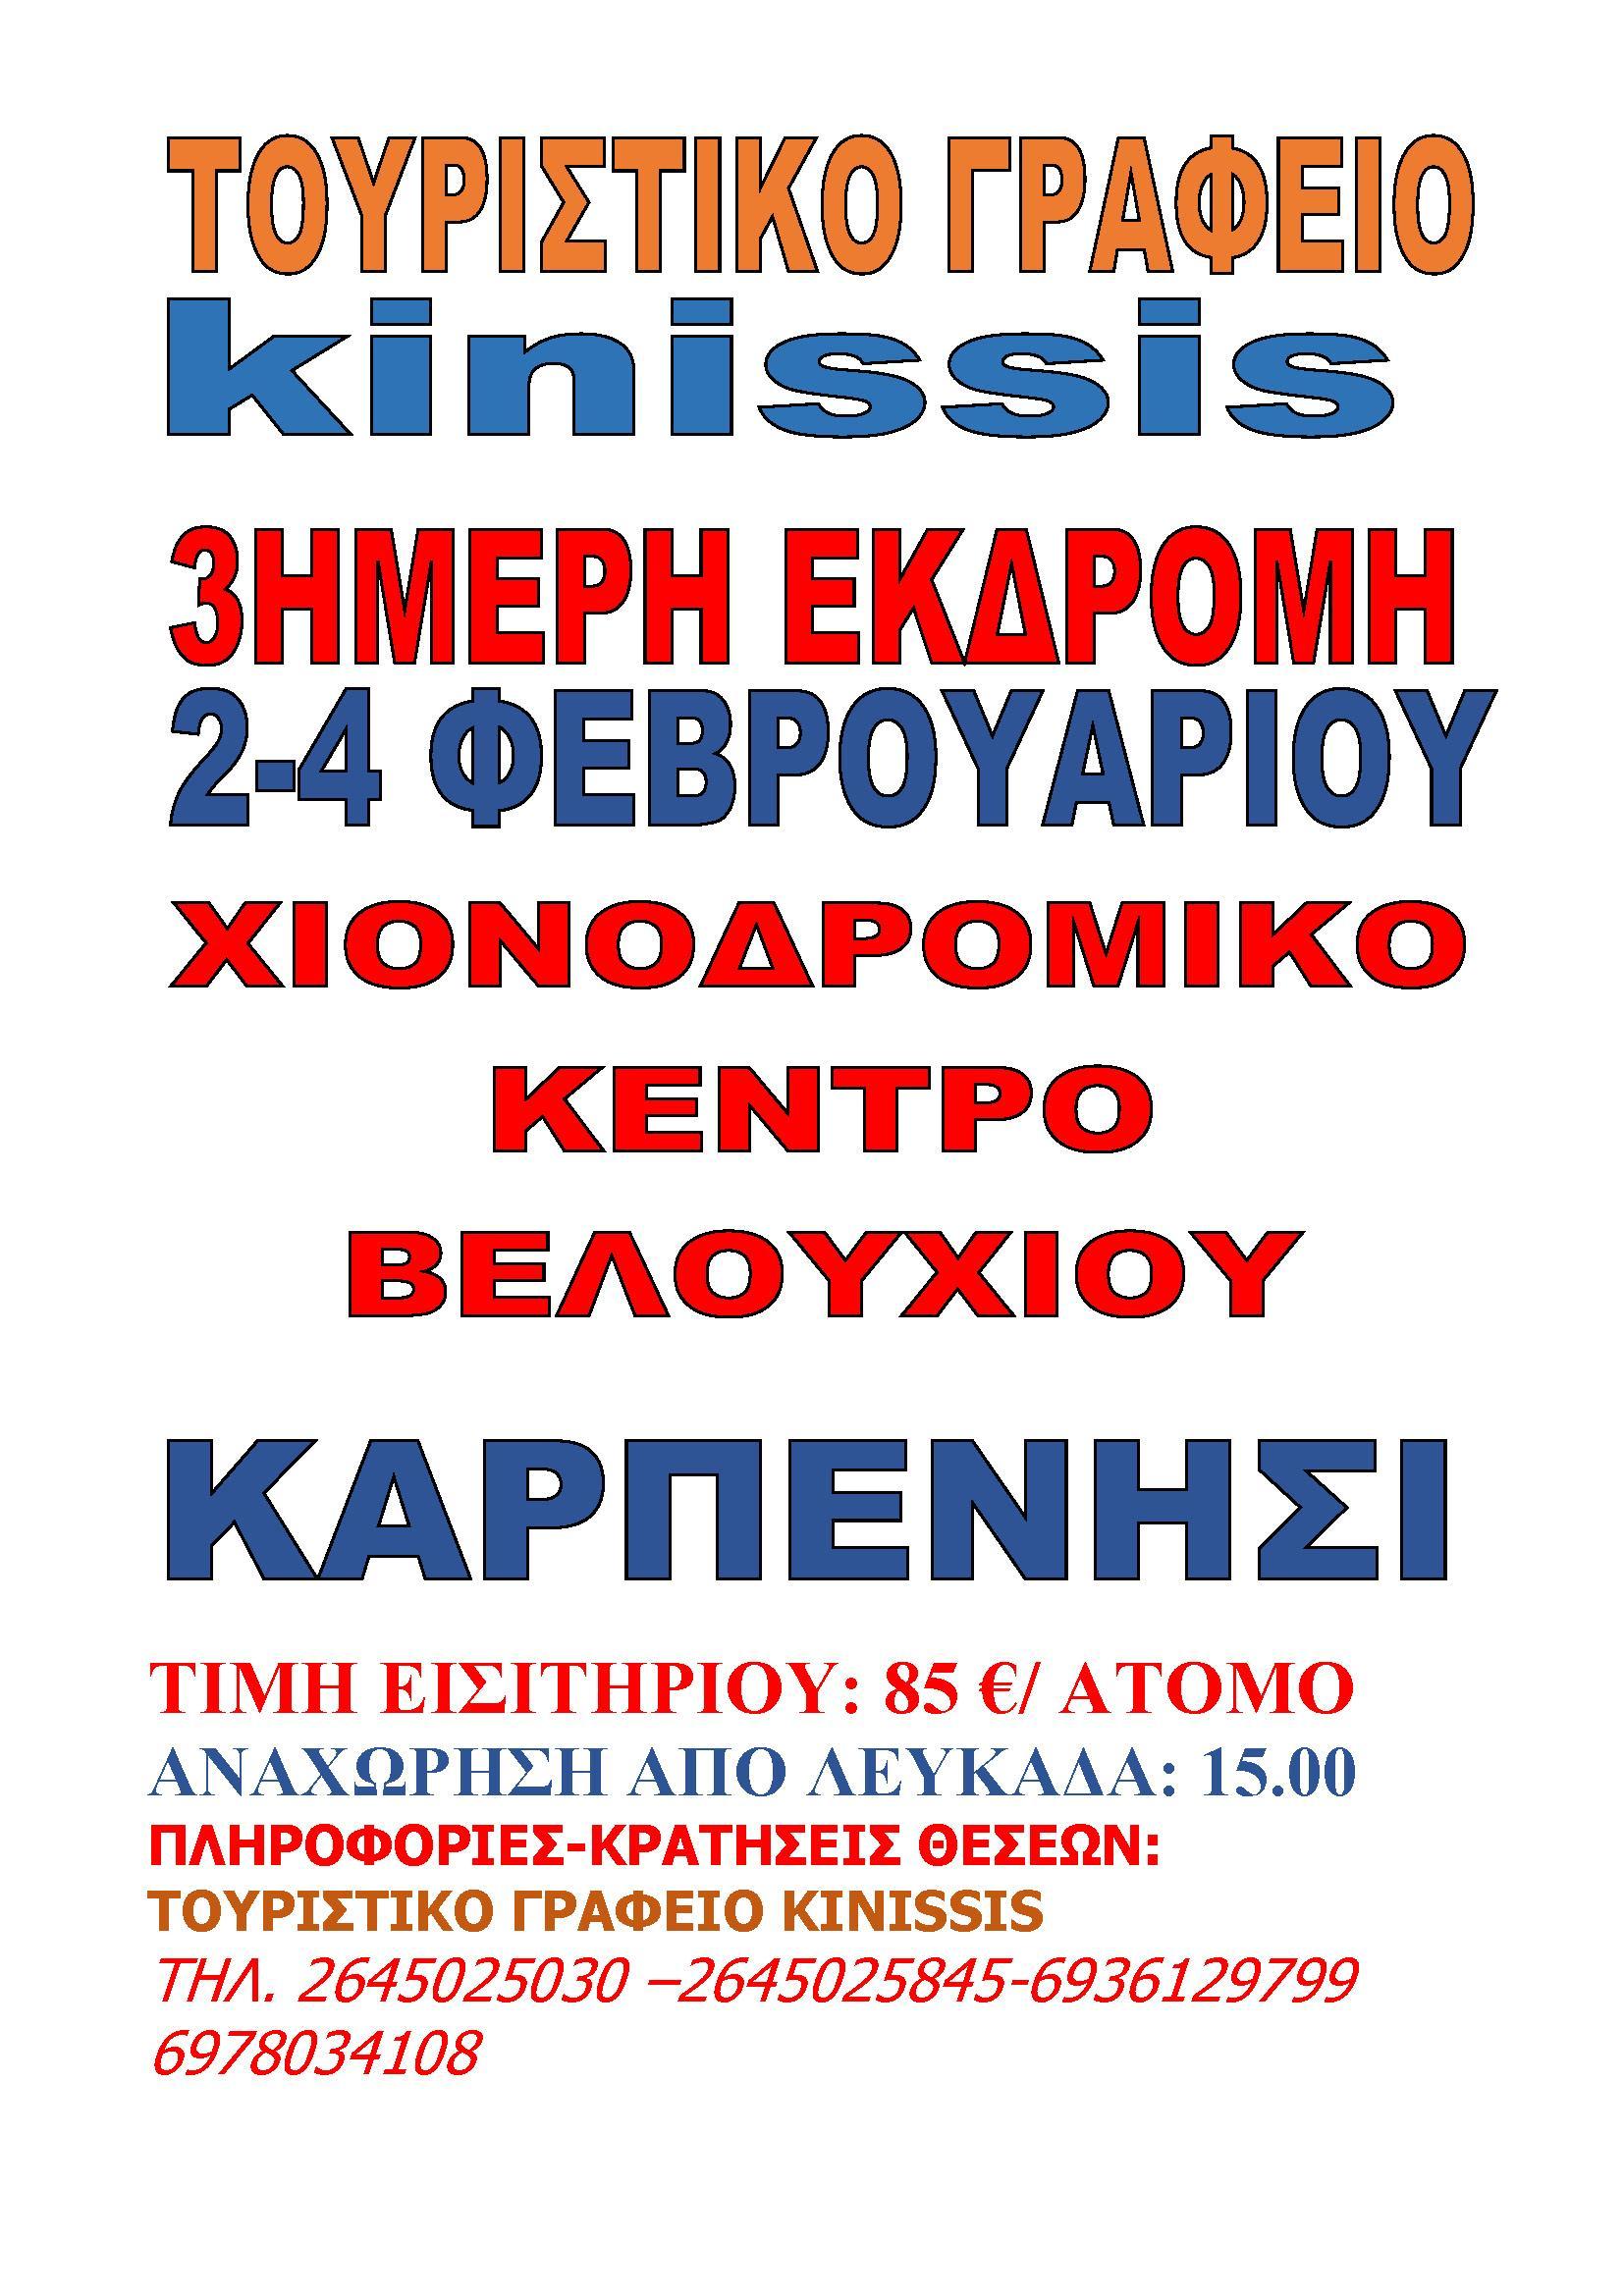 kinissis.gr